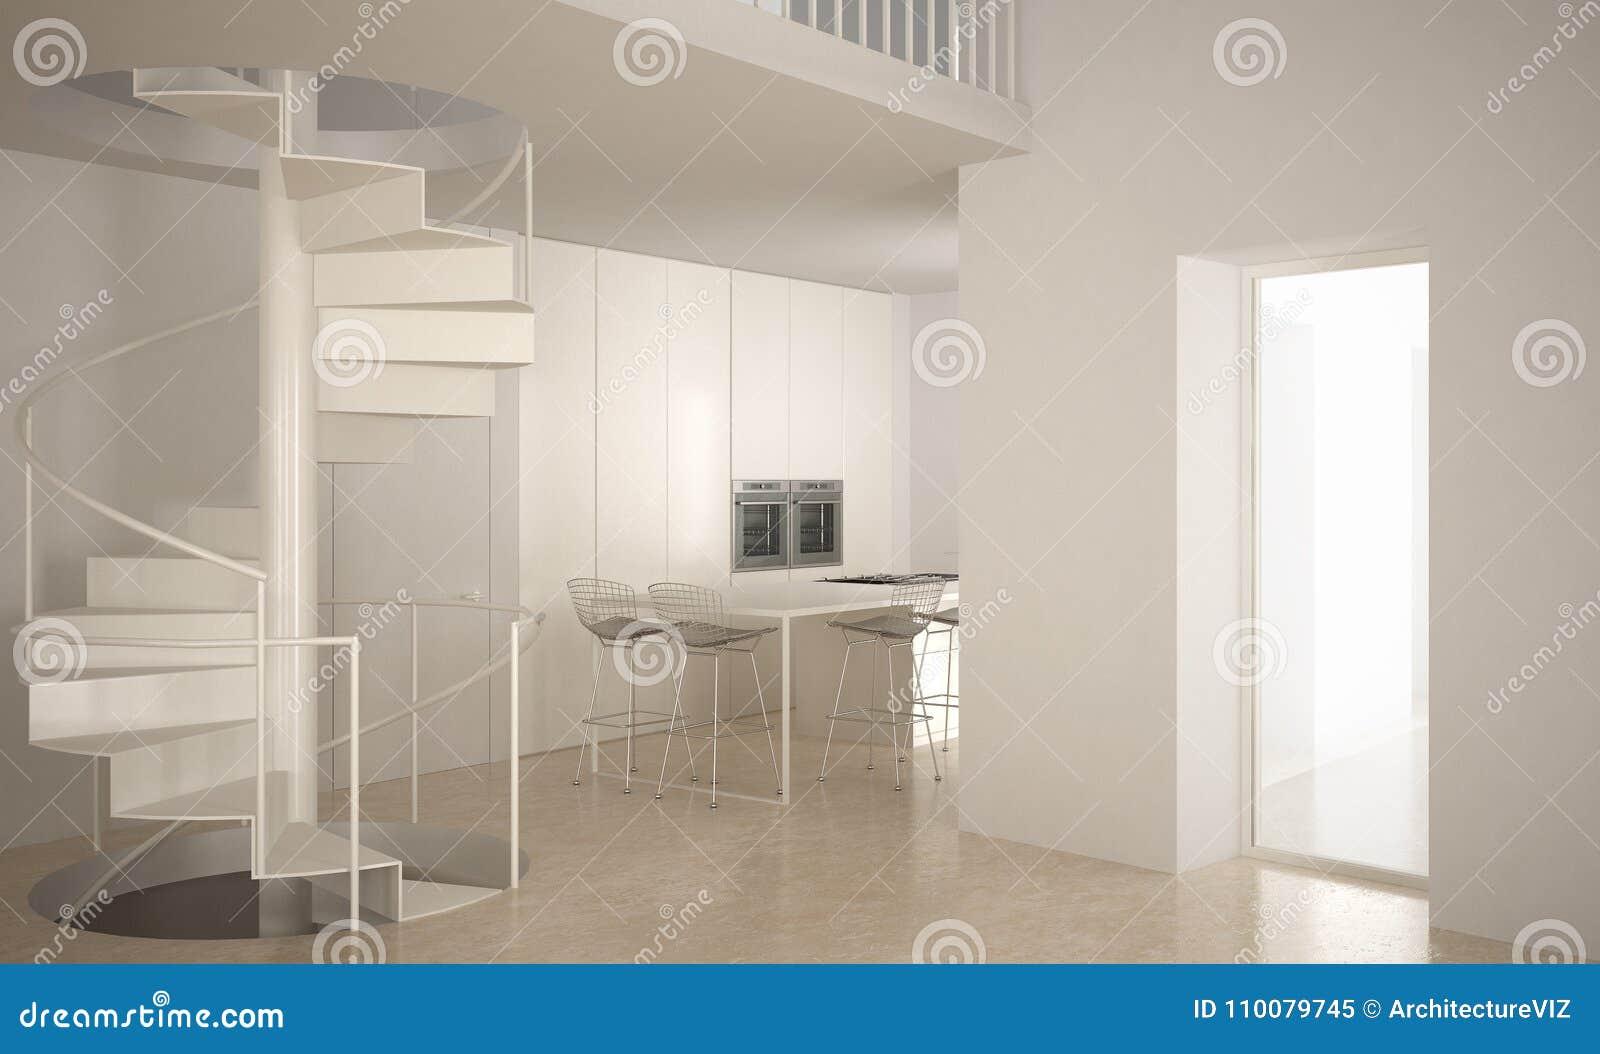 Download Minimalistic Treppe Im Modernen Leeren Raum Mit Küche Im BAC Stock  Abbildung   Illustration